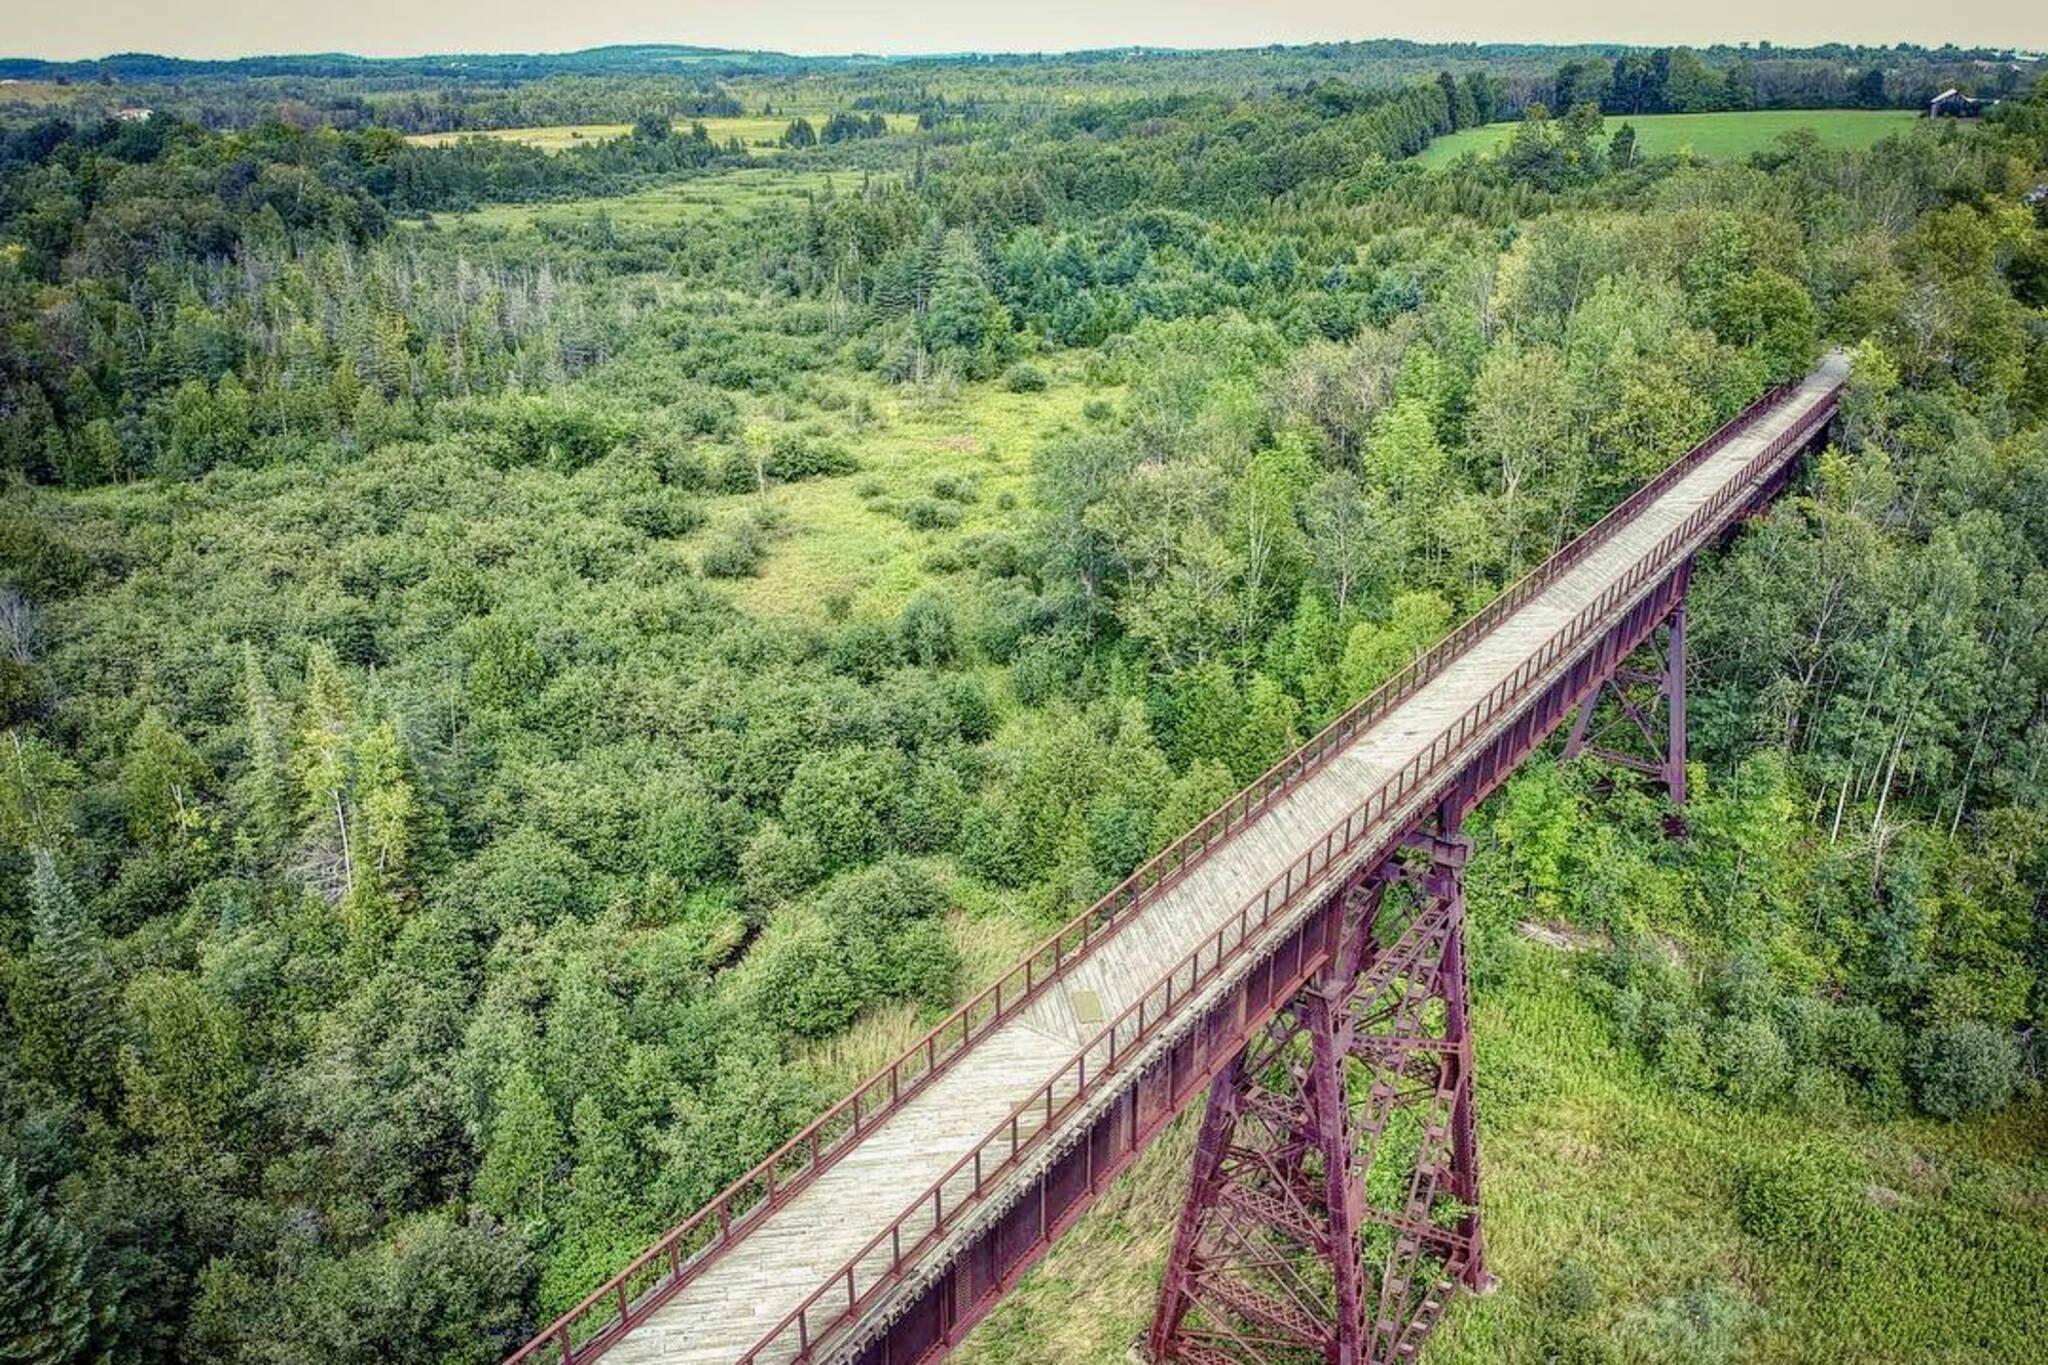 Doubes Trestle Bridge